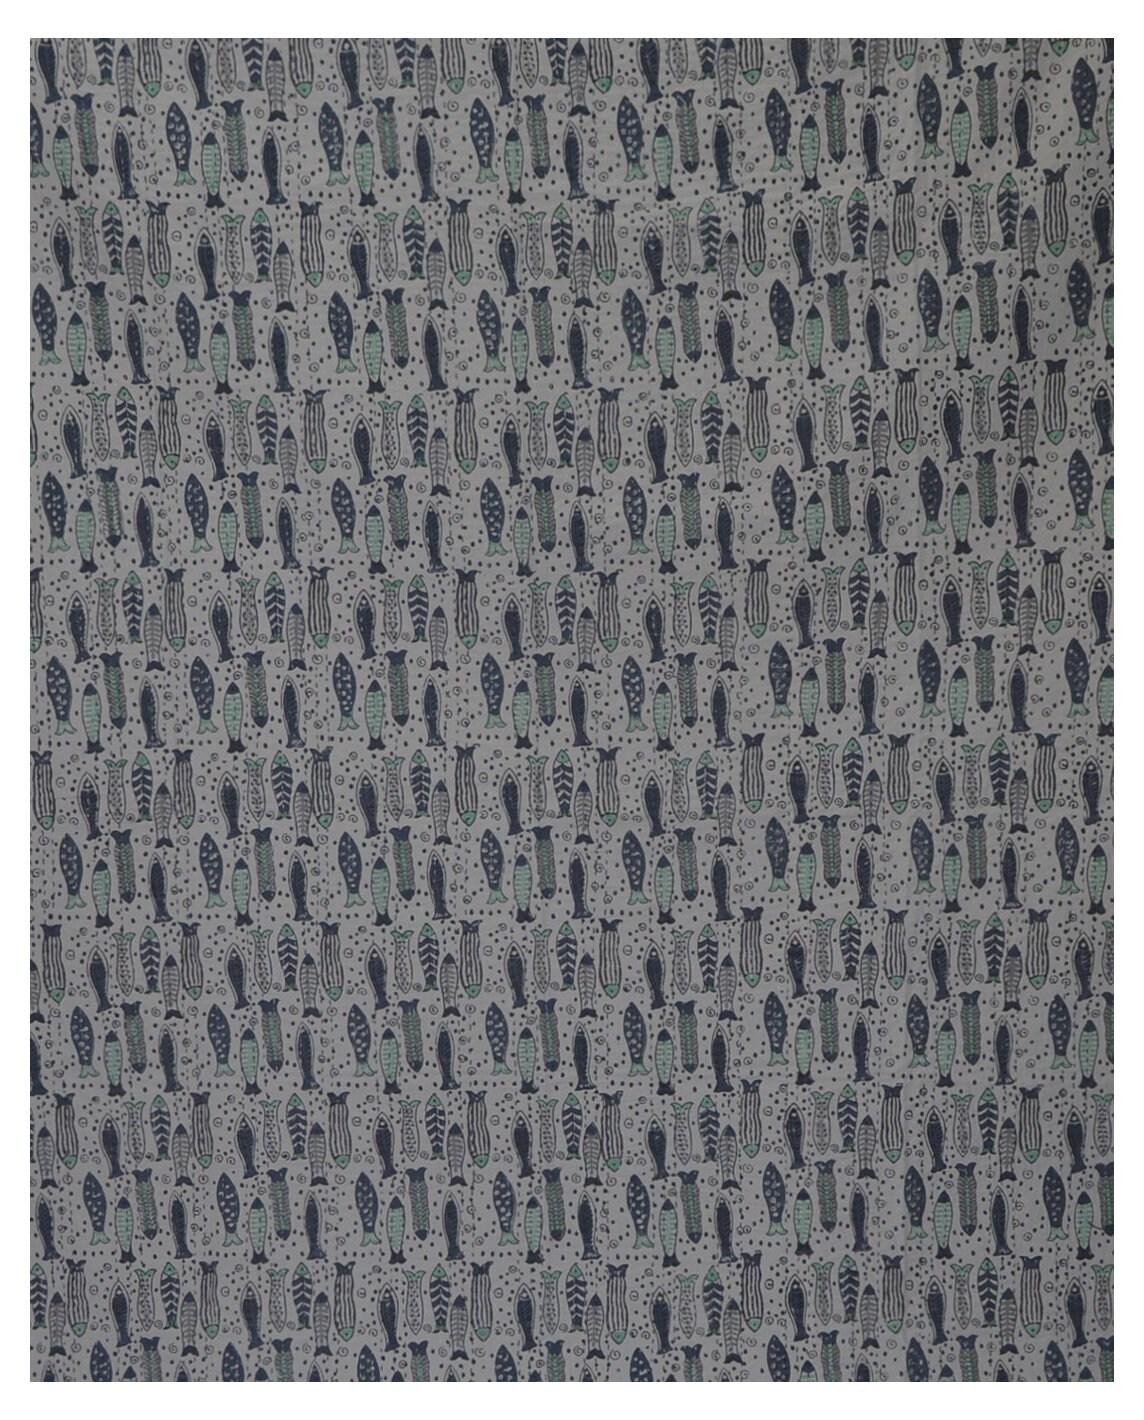 Kantha Vintage quilts de patchwork cousu à la main, 100 % coton indien, bohème Boho bloc abstrait imprimé, couvre-lit taille unique